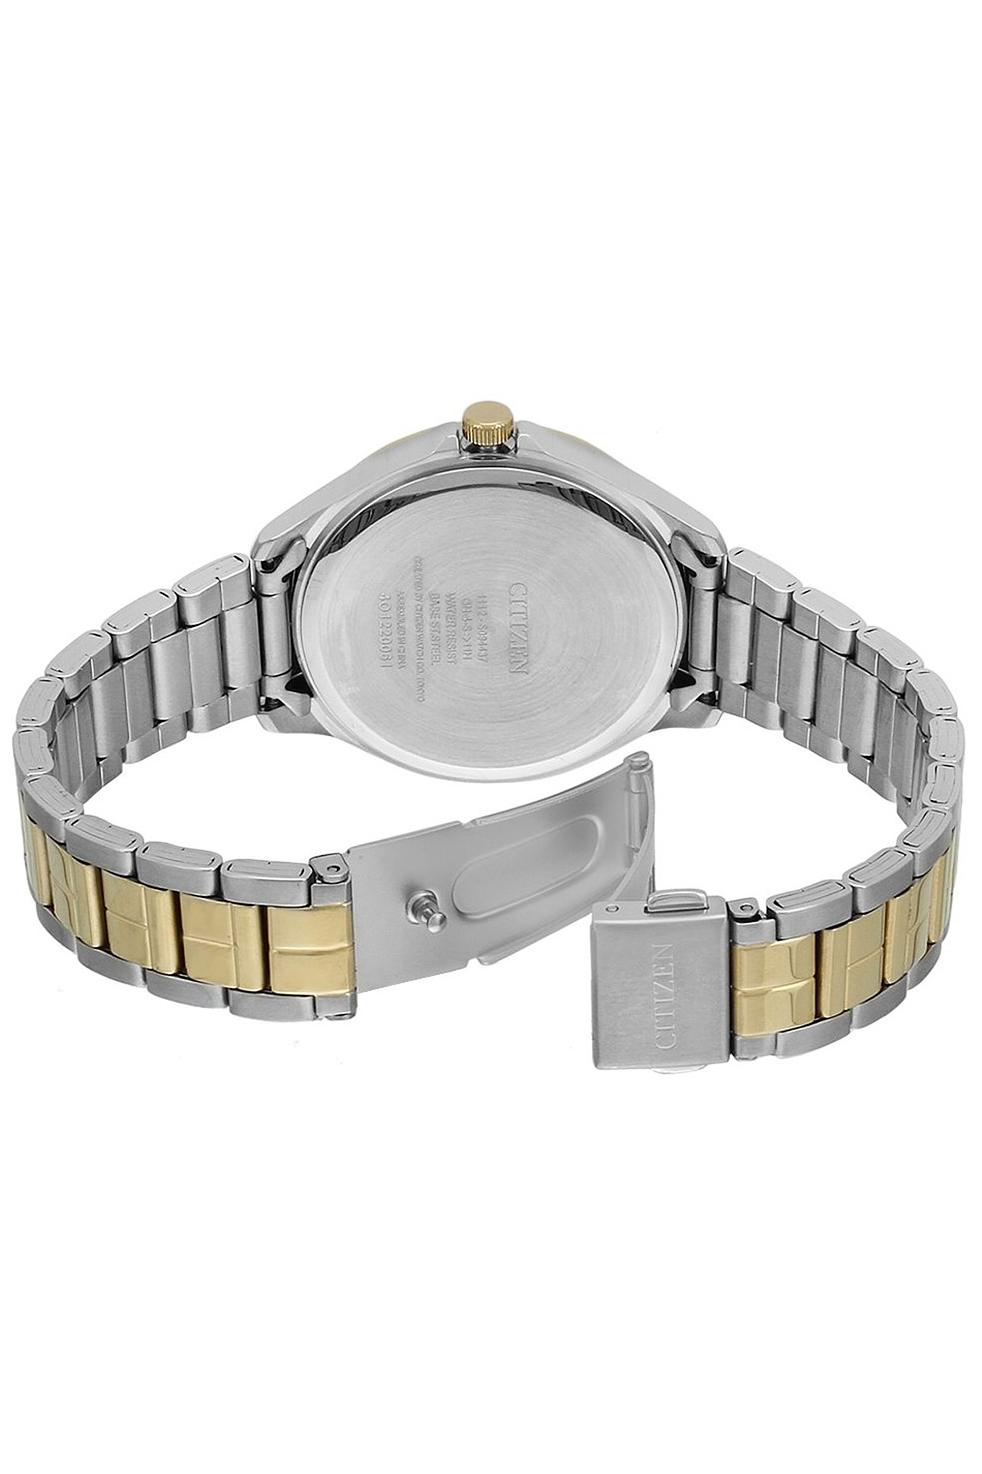 Đồng Hồ Citizen Nữ Đính Đá Swarovski Dây Kim Loại Pin-Quartz EV0054-54D - Mặt Xà Cừ (34mm)